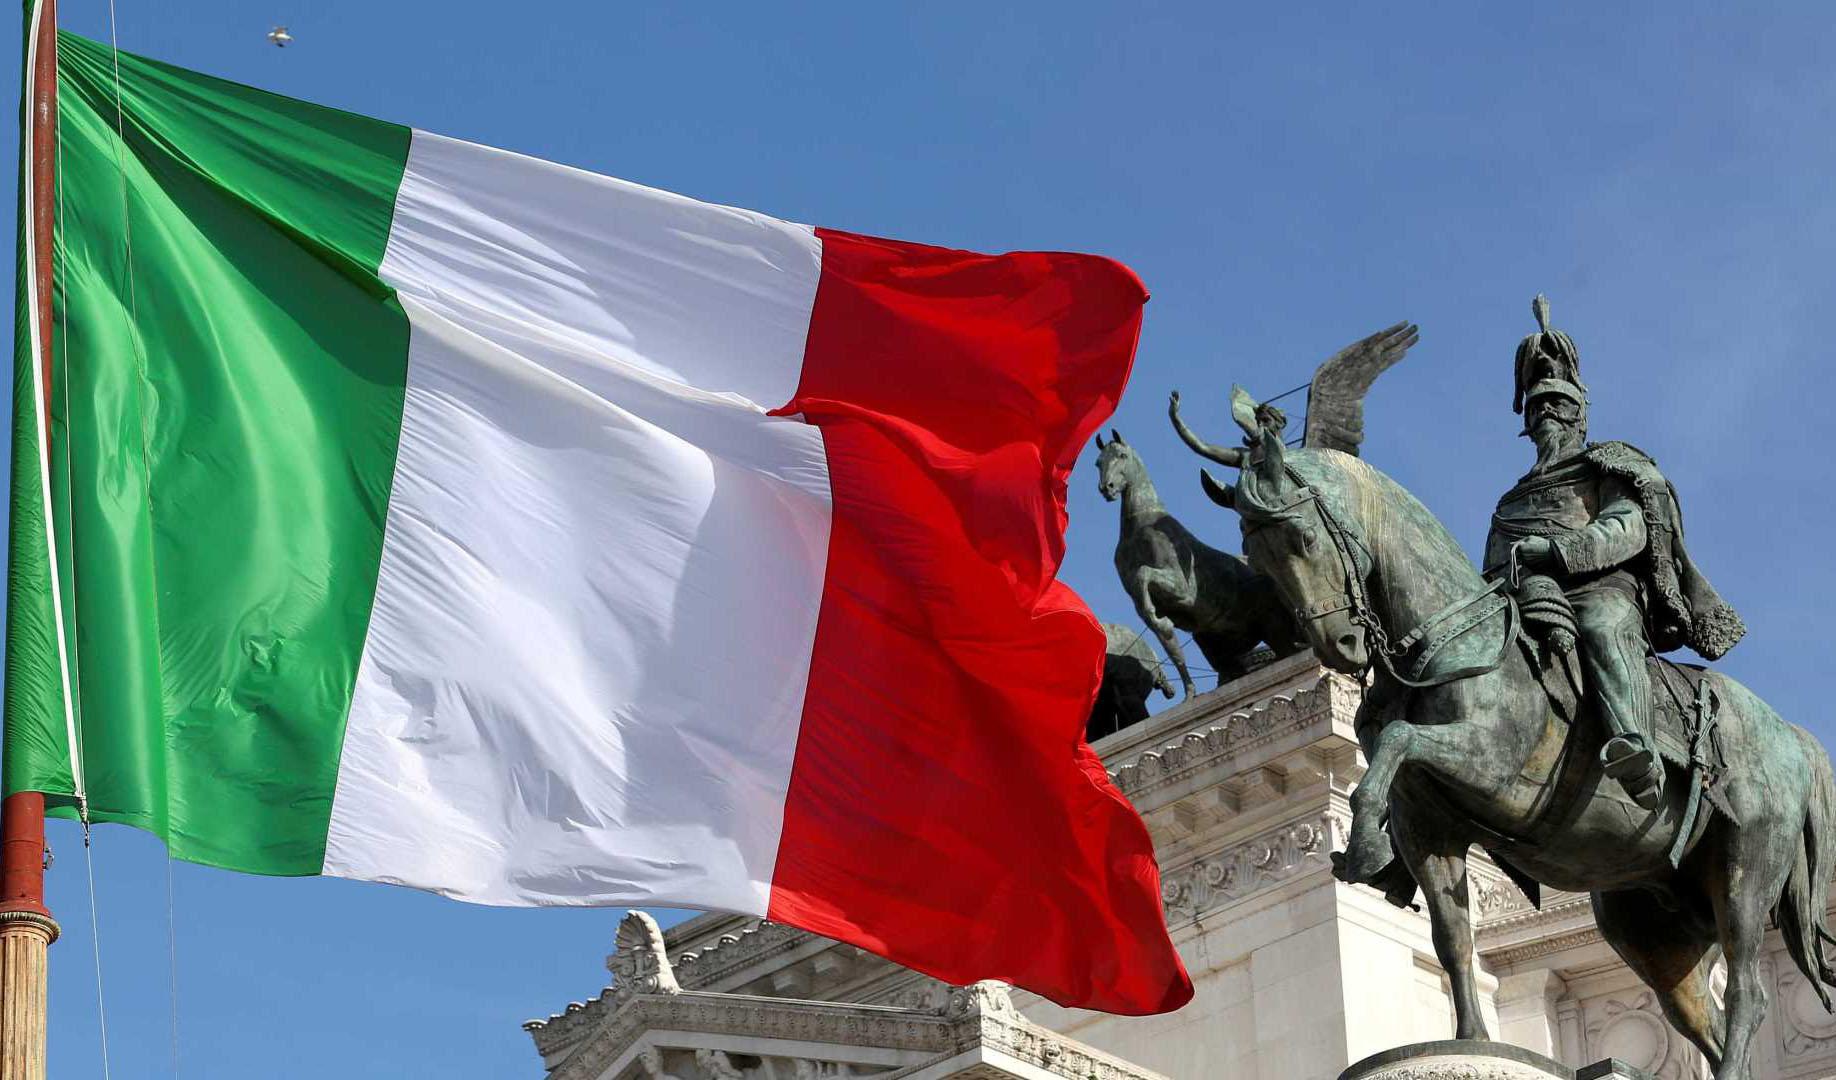 اقتصاد ایتالیا در سه ماهه دوم سال با رقم بیسابقه ۱۲.۴درصد کوچک شد